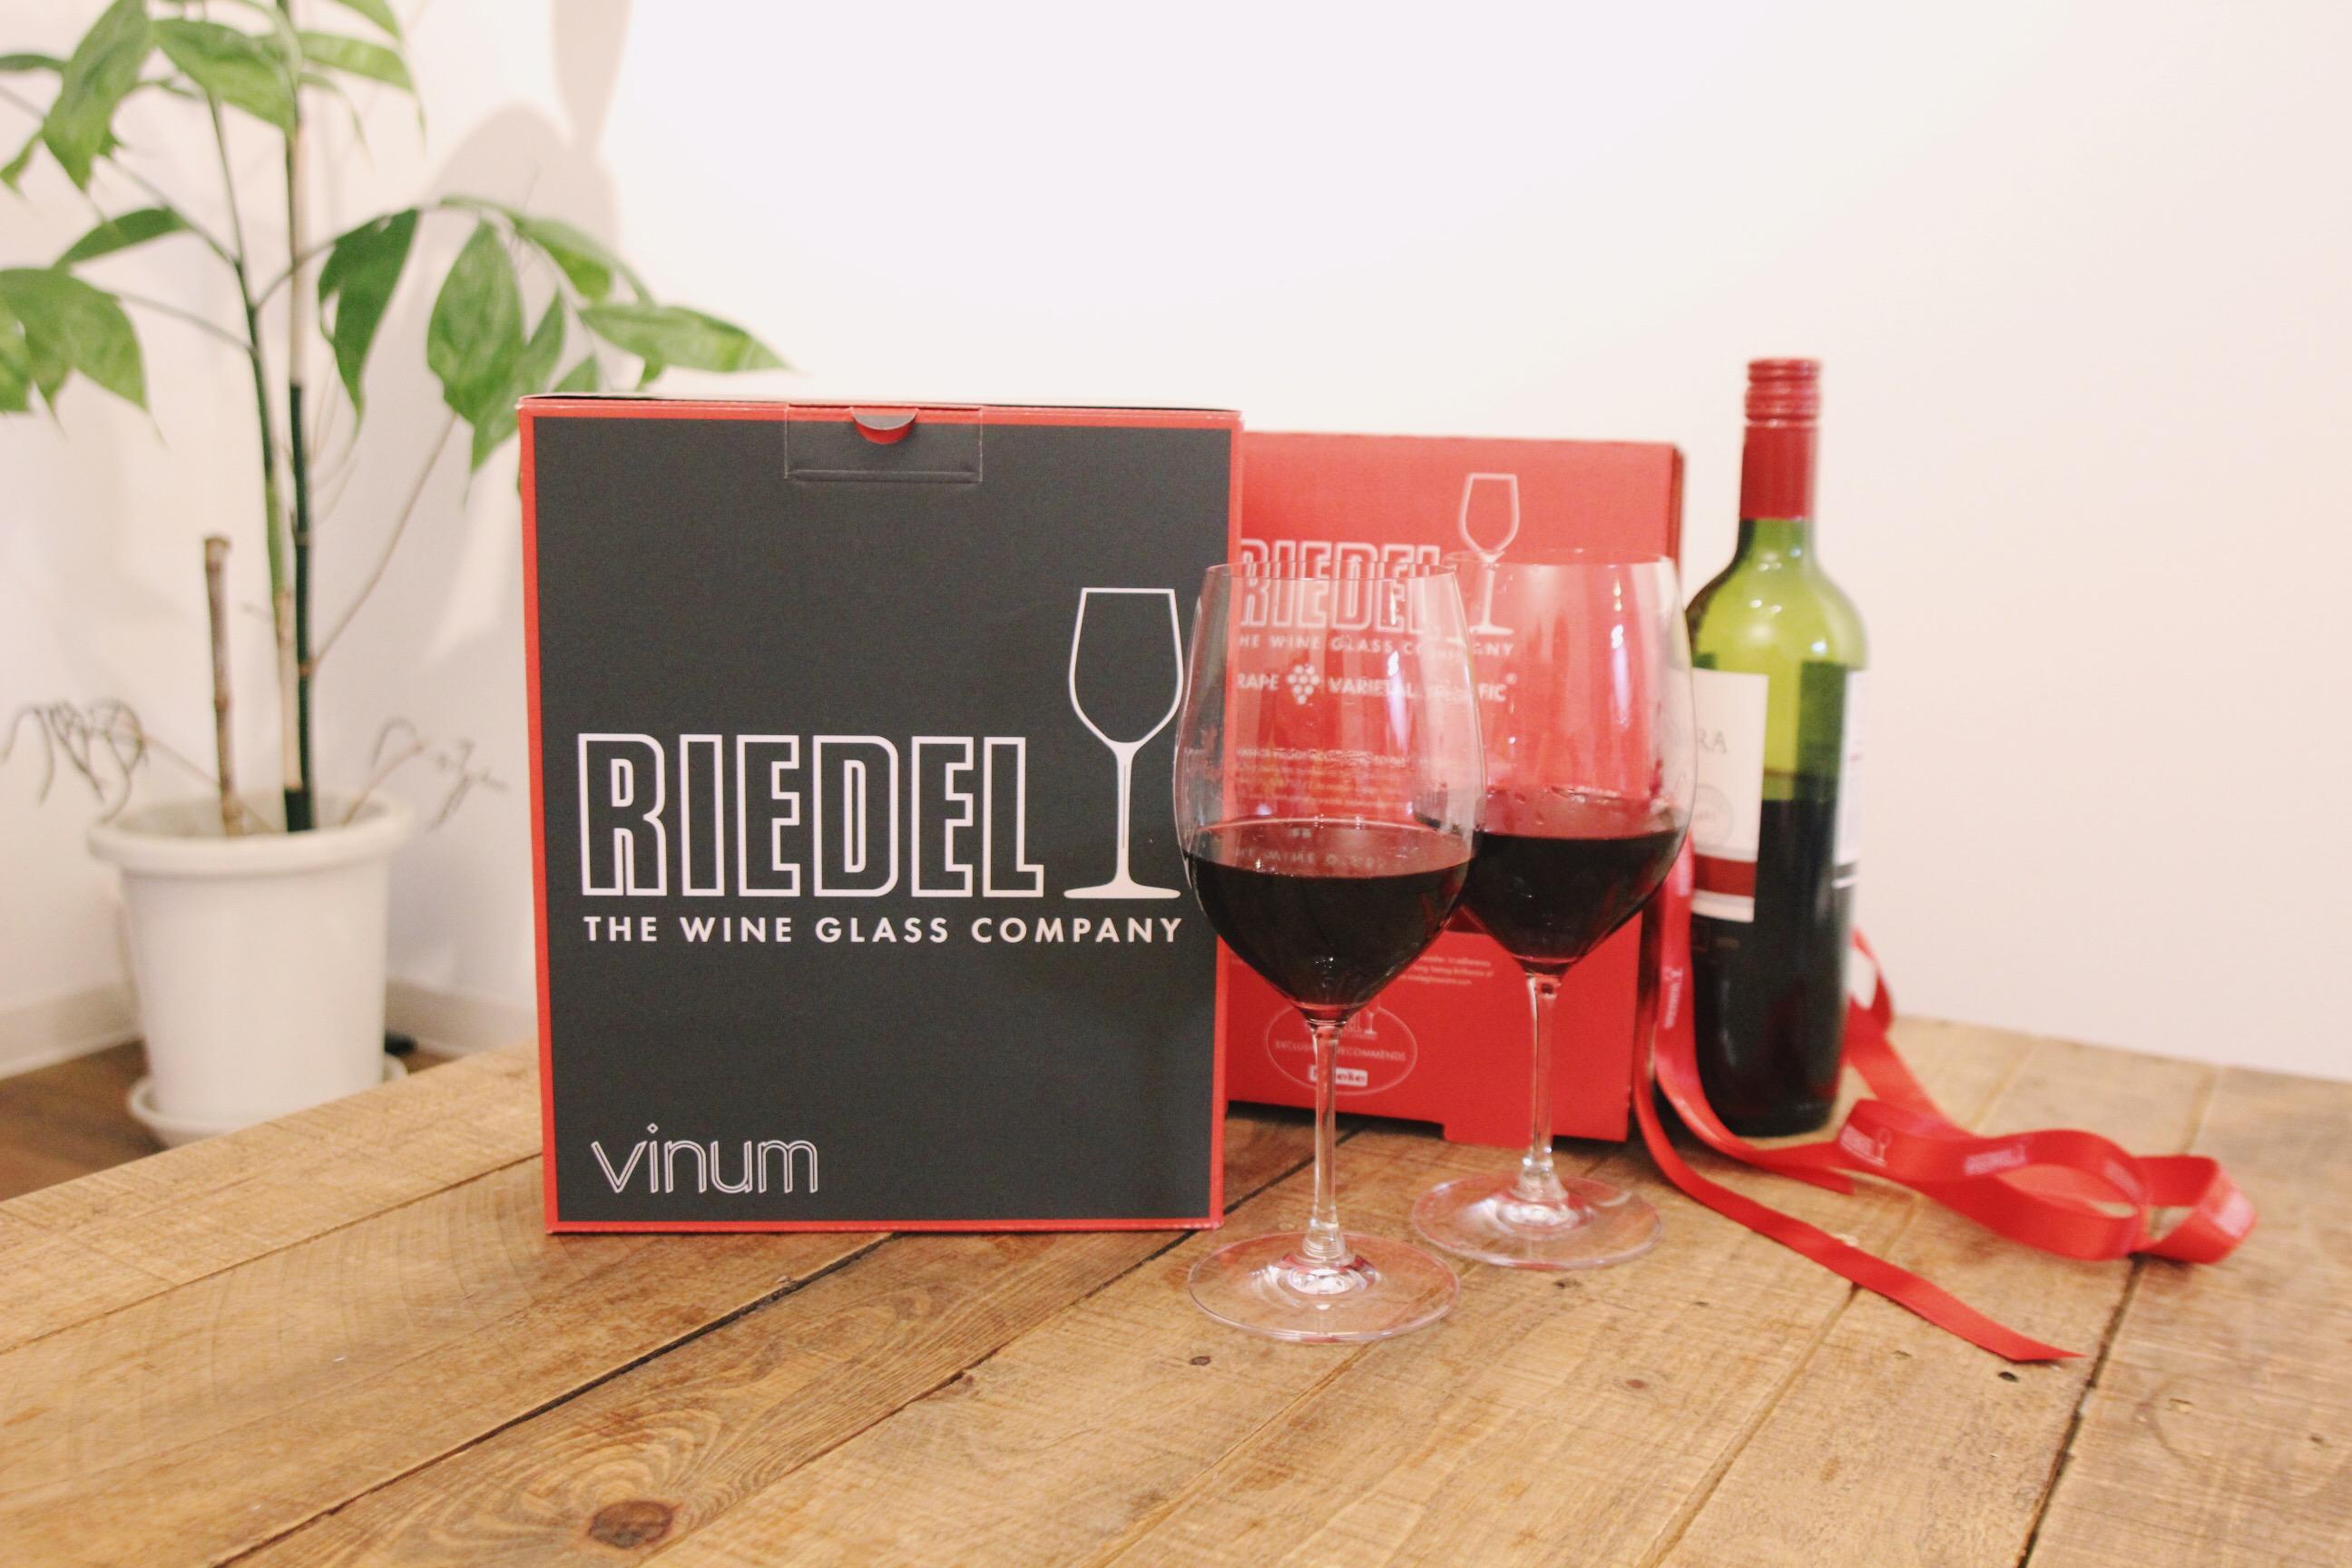 パークハイアット東京で働いていたときに何個割ったか分からない、RIEDELのワイングラスをもらいました。